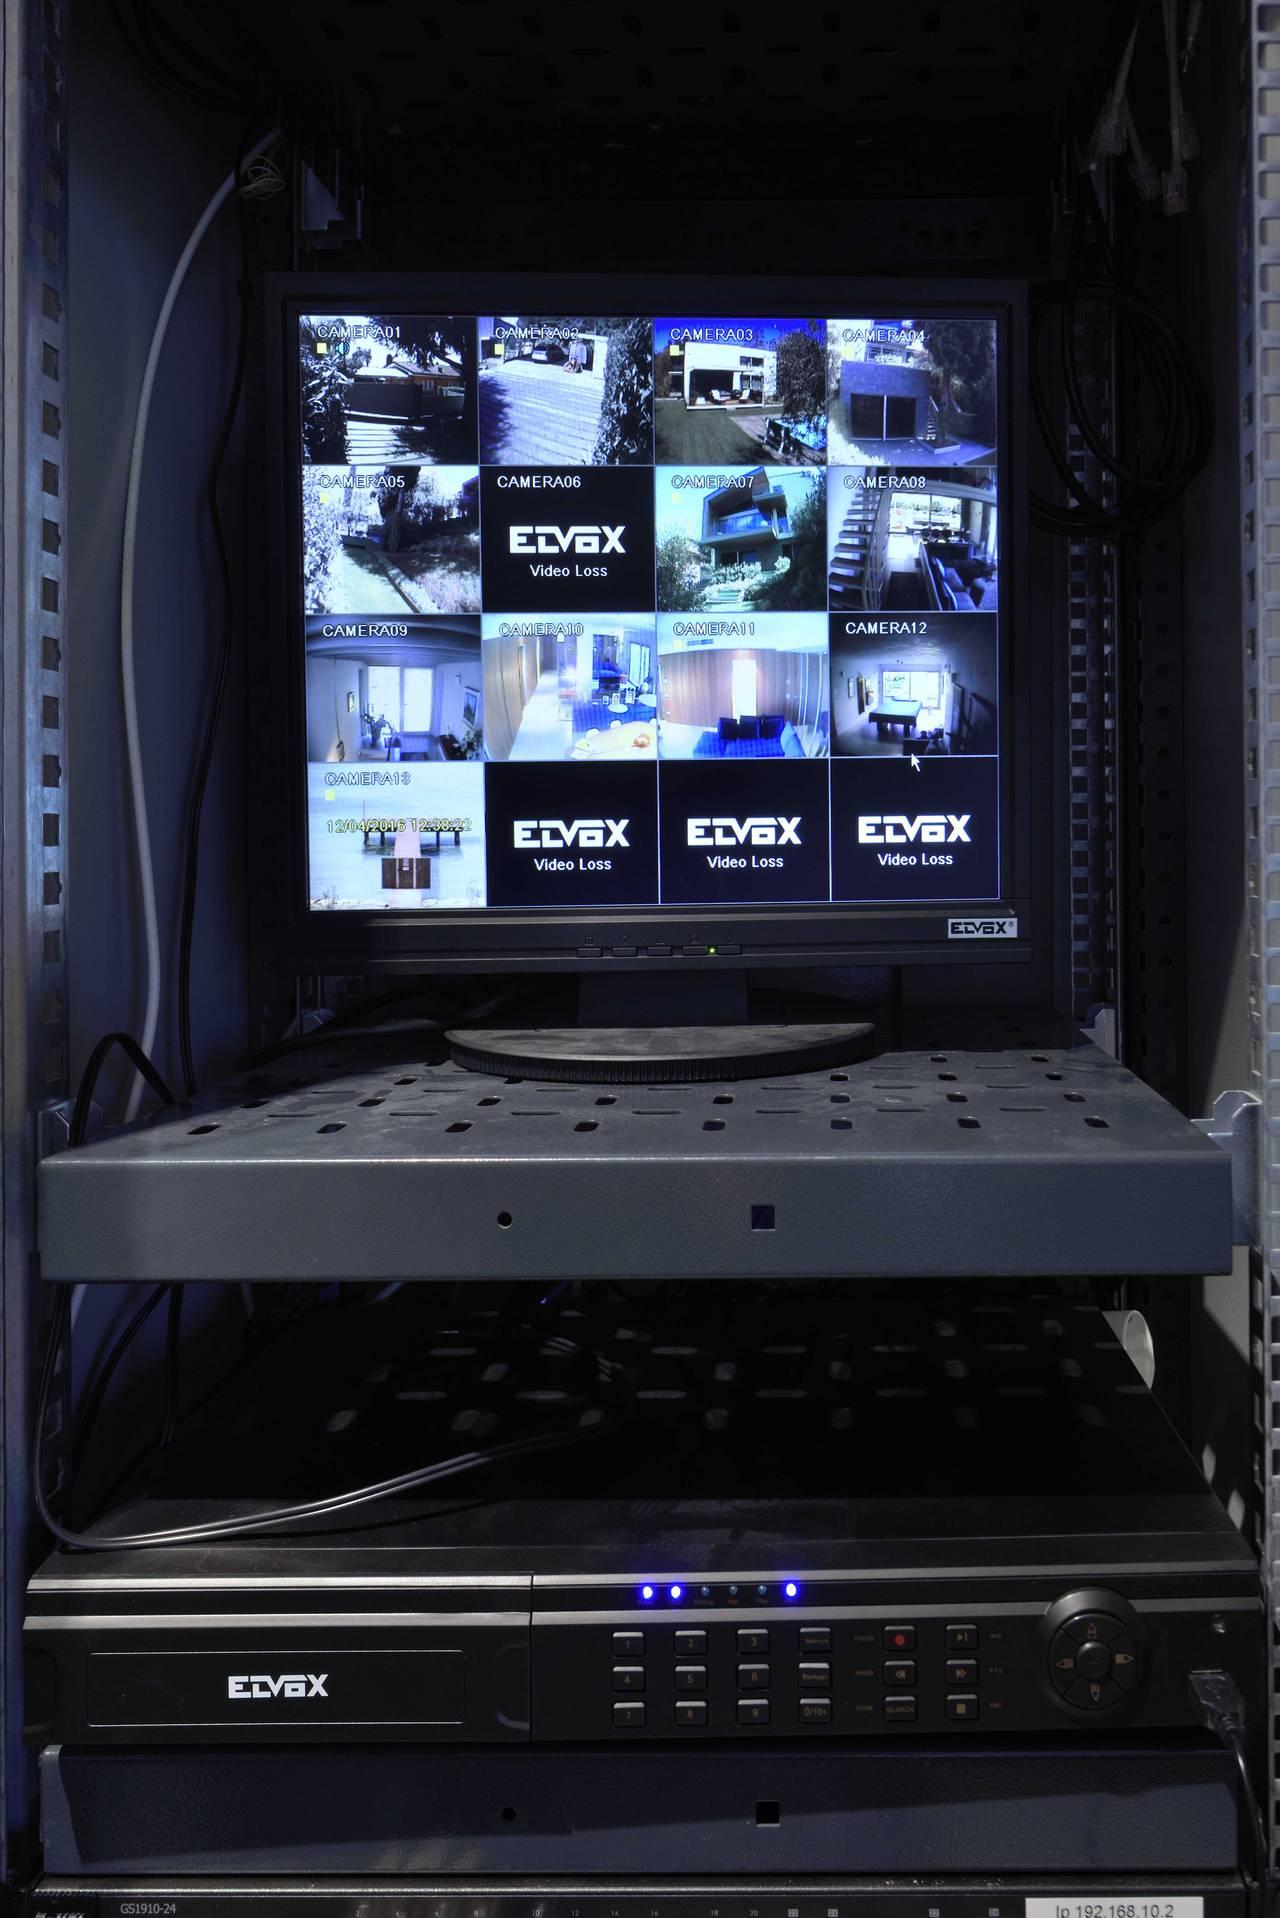 Sistema di videosorveglianza Elvox